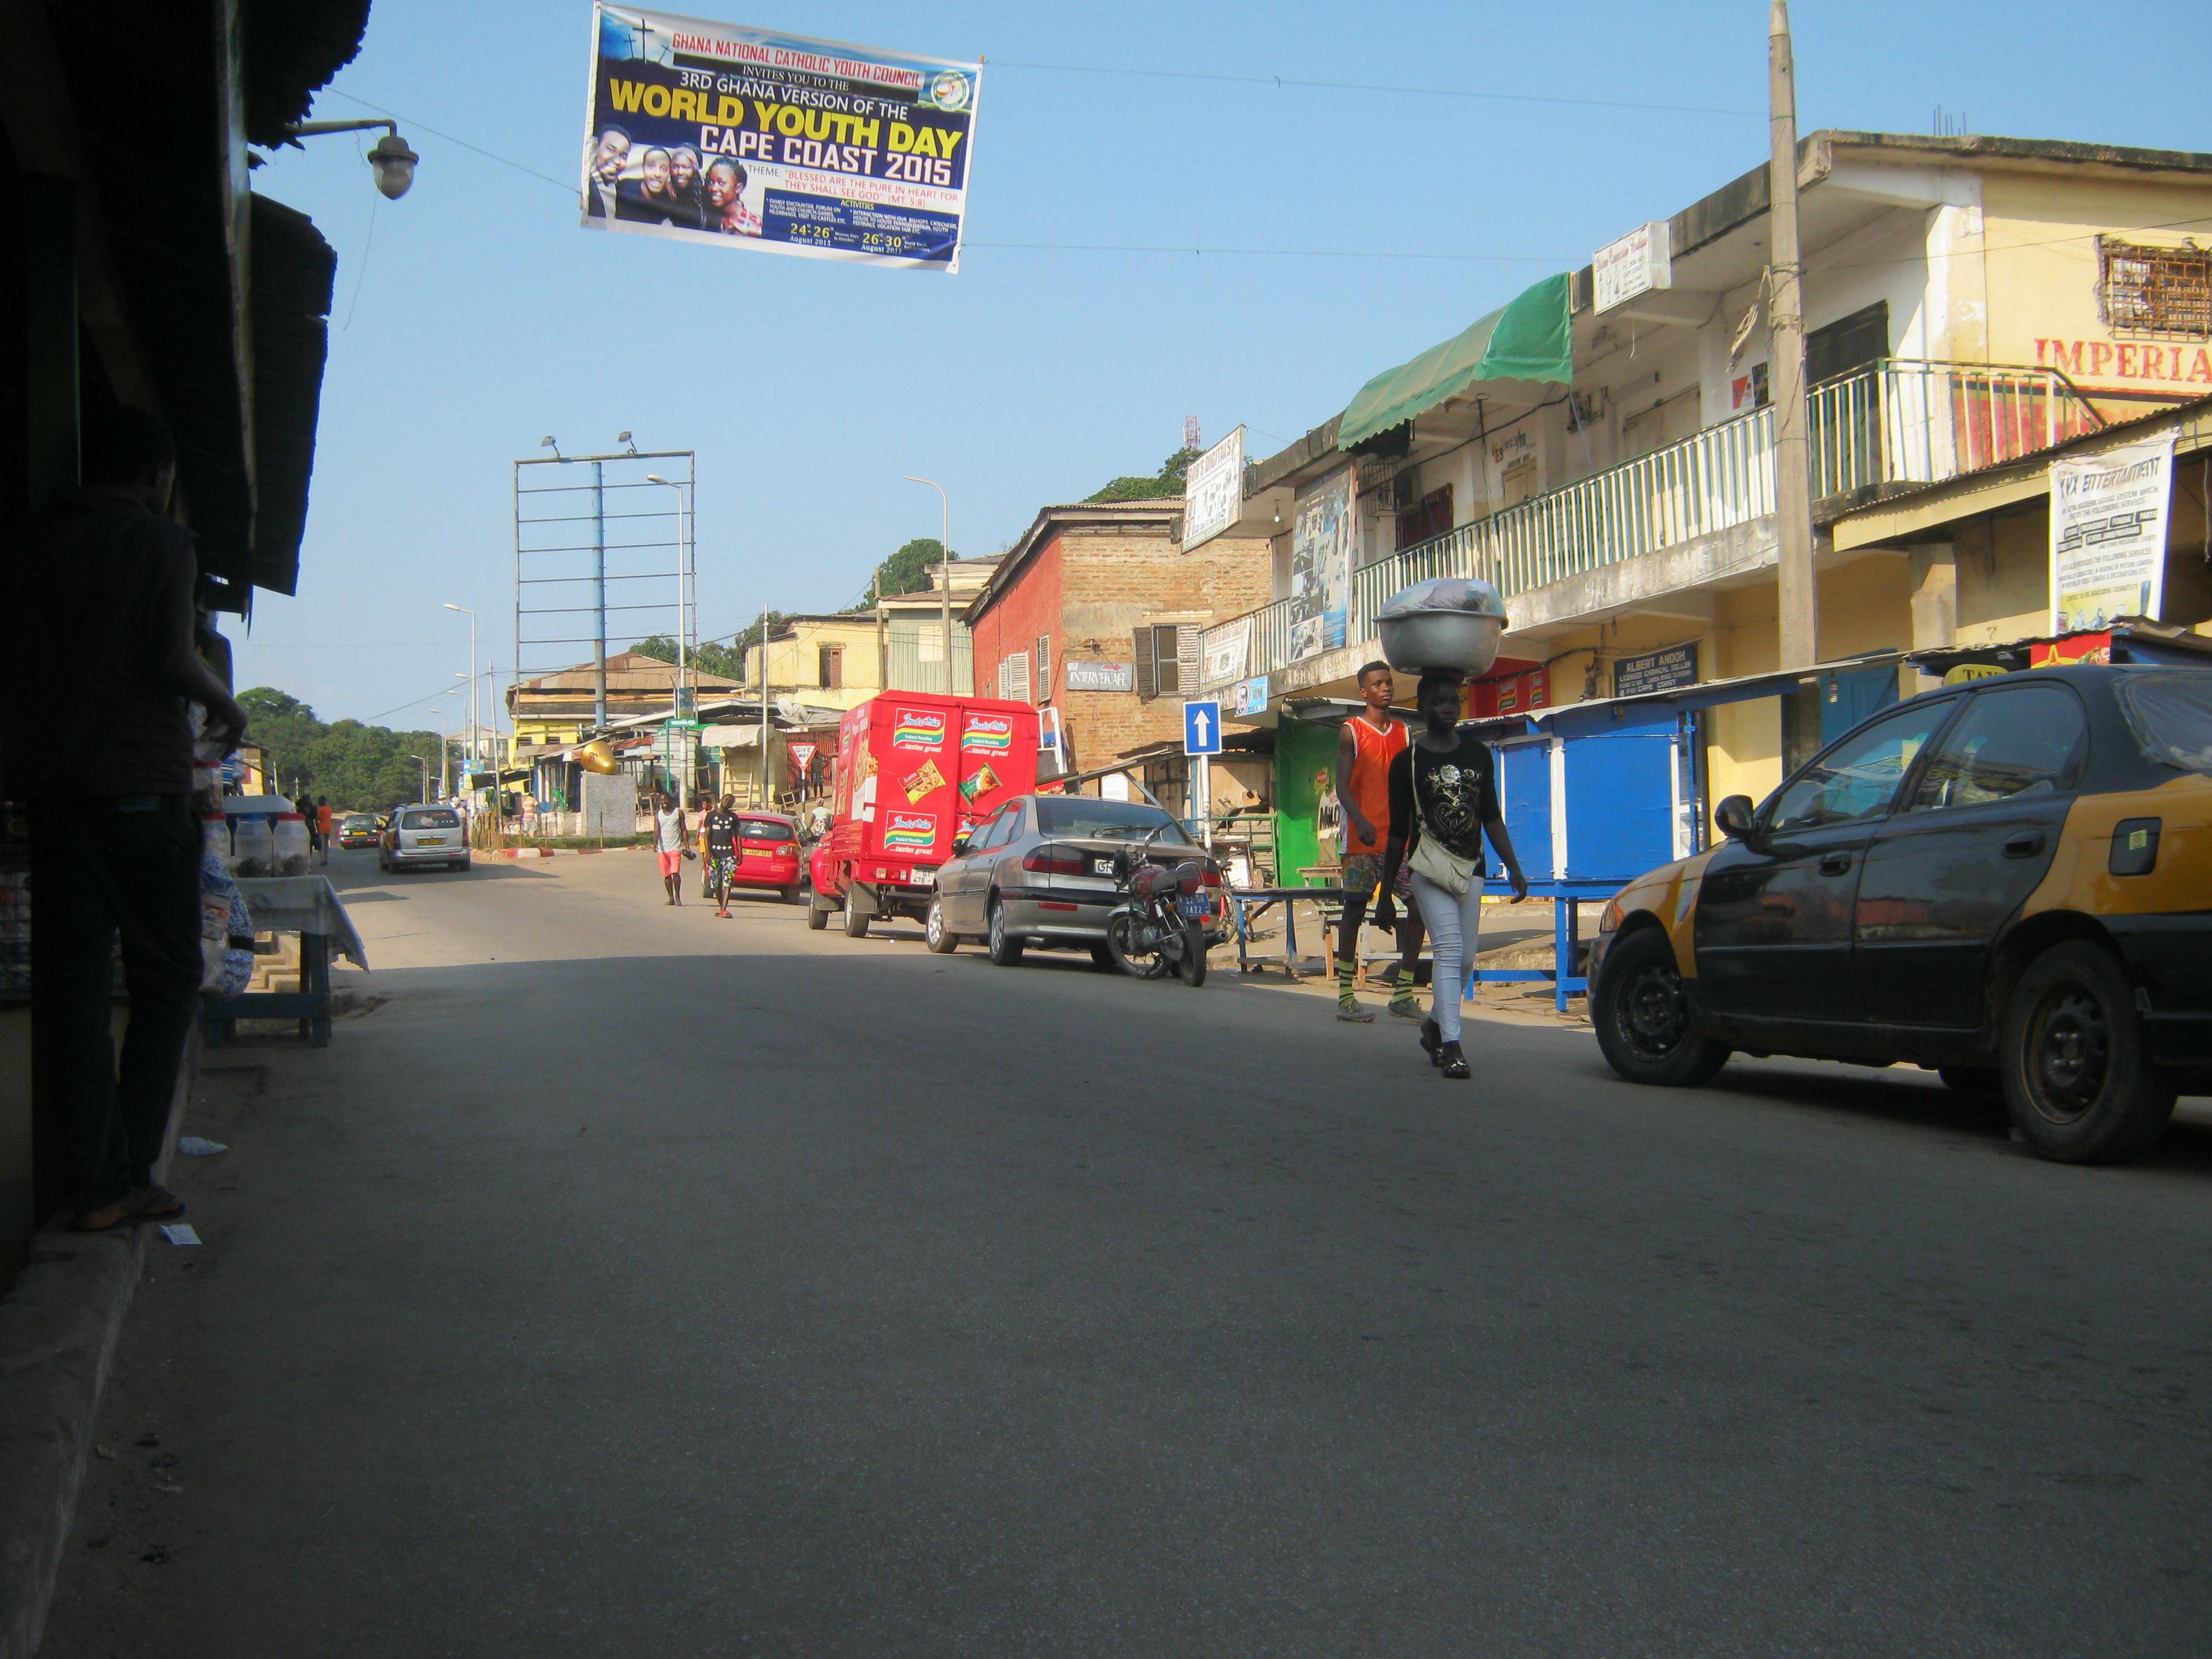 המסחר הוא המרחב החי של העיר (צילום: מורן פרארו)